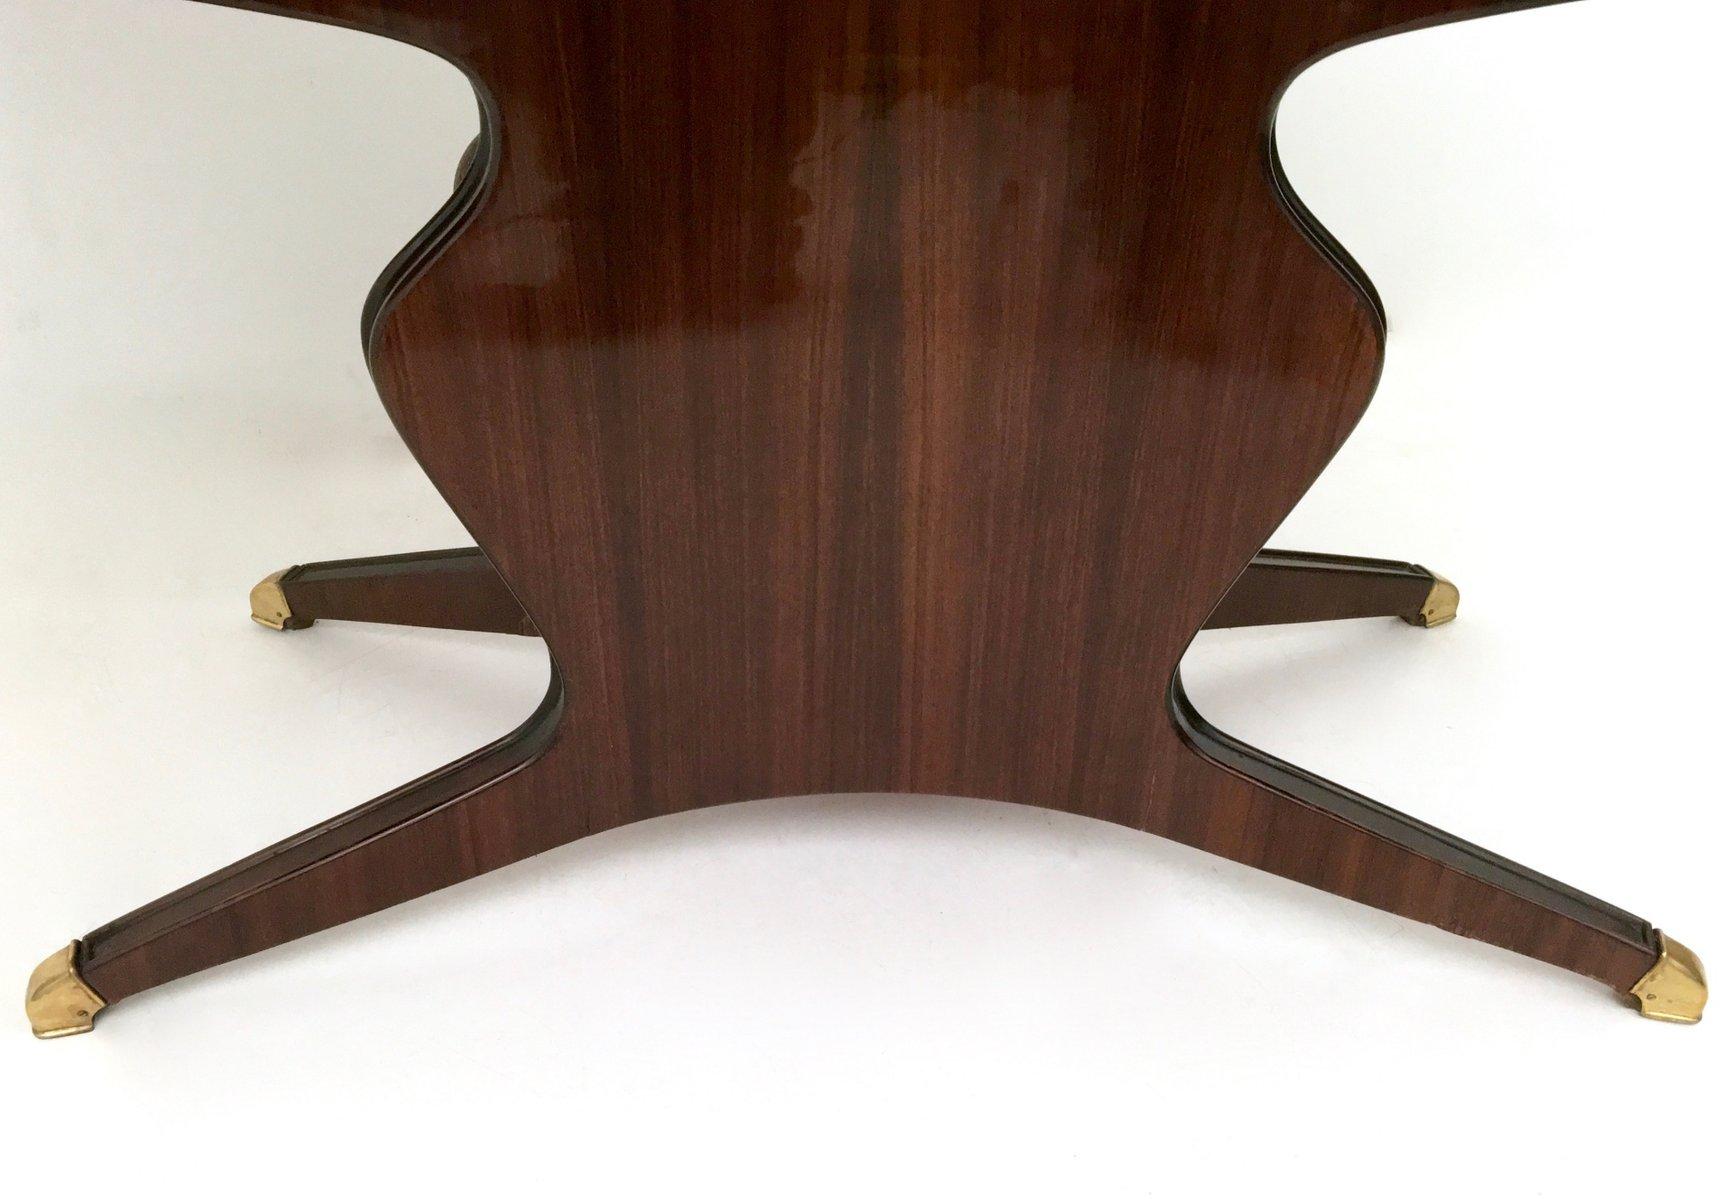 h lzerner esstisch mit tischplatte aus carrara marmor von osvaldo borsani 1950er bei pamono kaufen. Black Bedroom Furniture Sets. Home Design Ideas